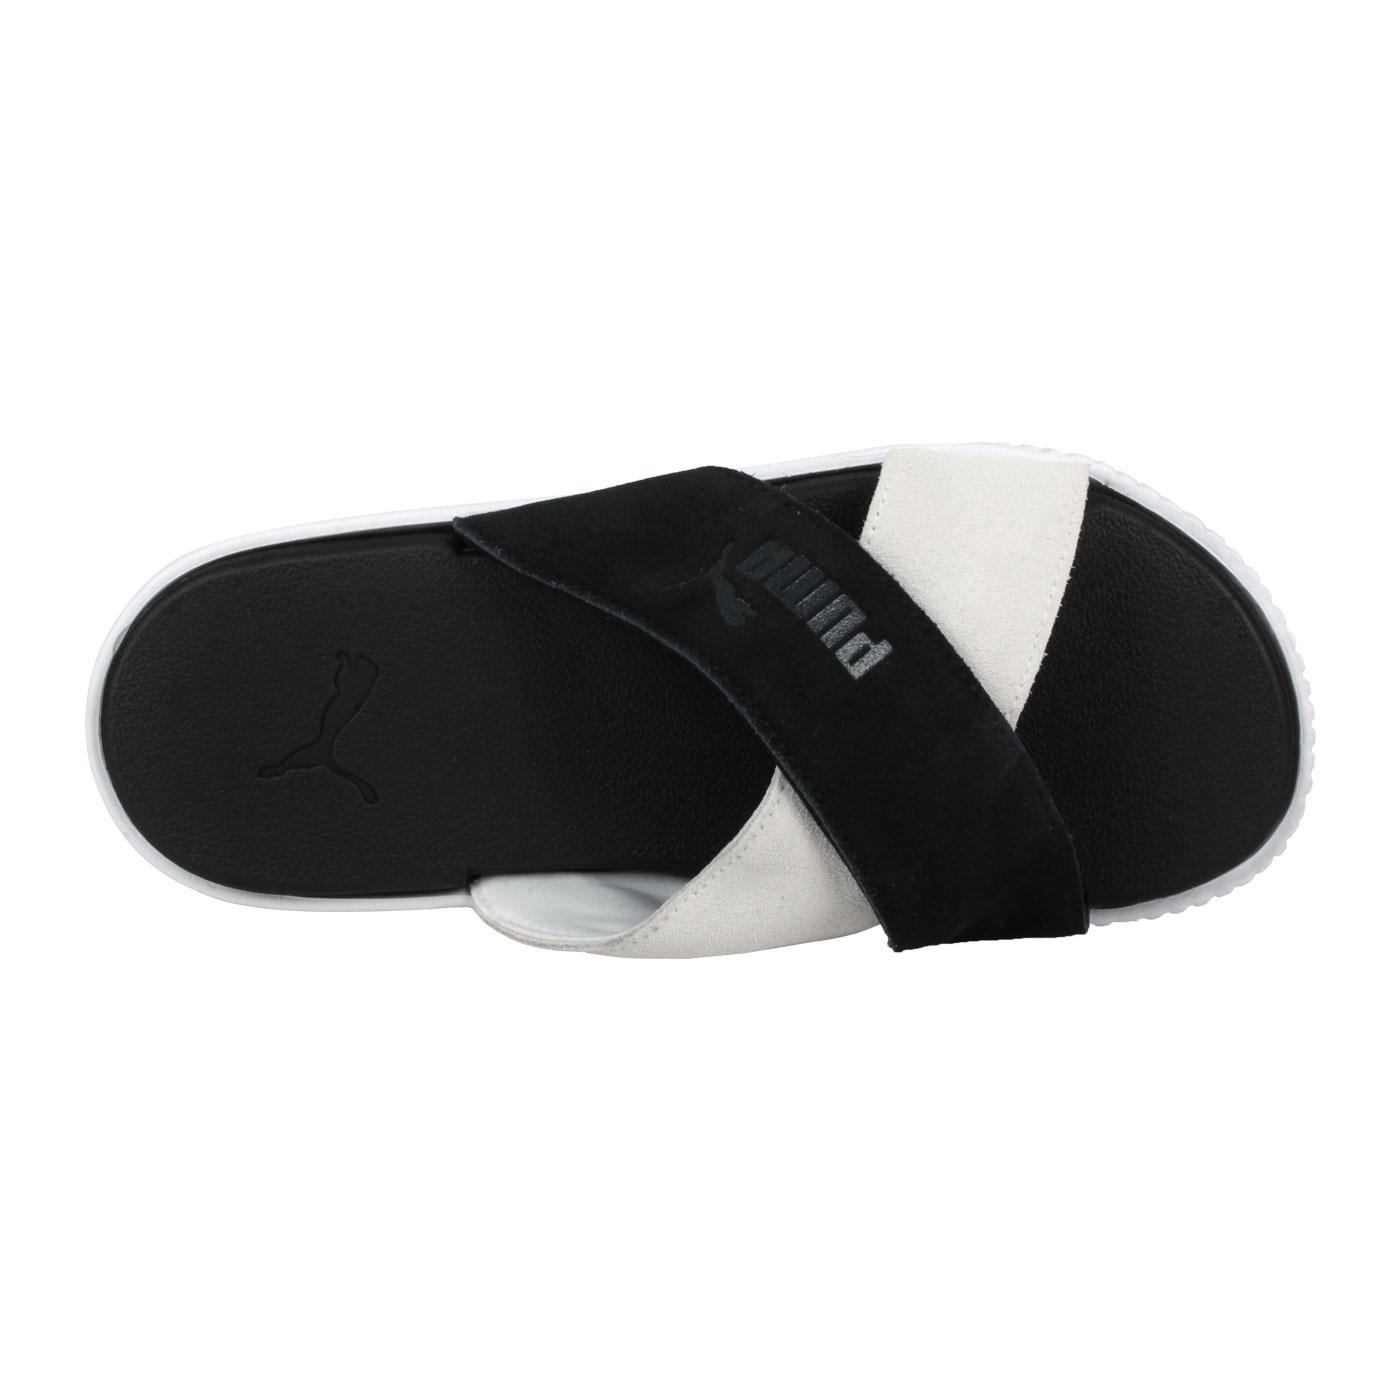 PUMA 女款休閒拖鞋  @Platfprm Slide Suede@37510503